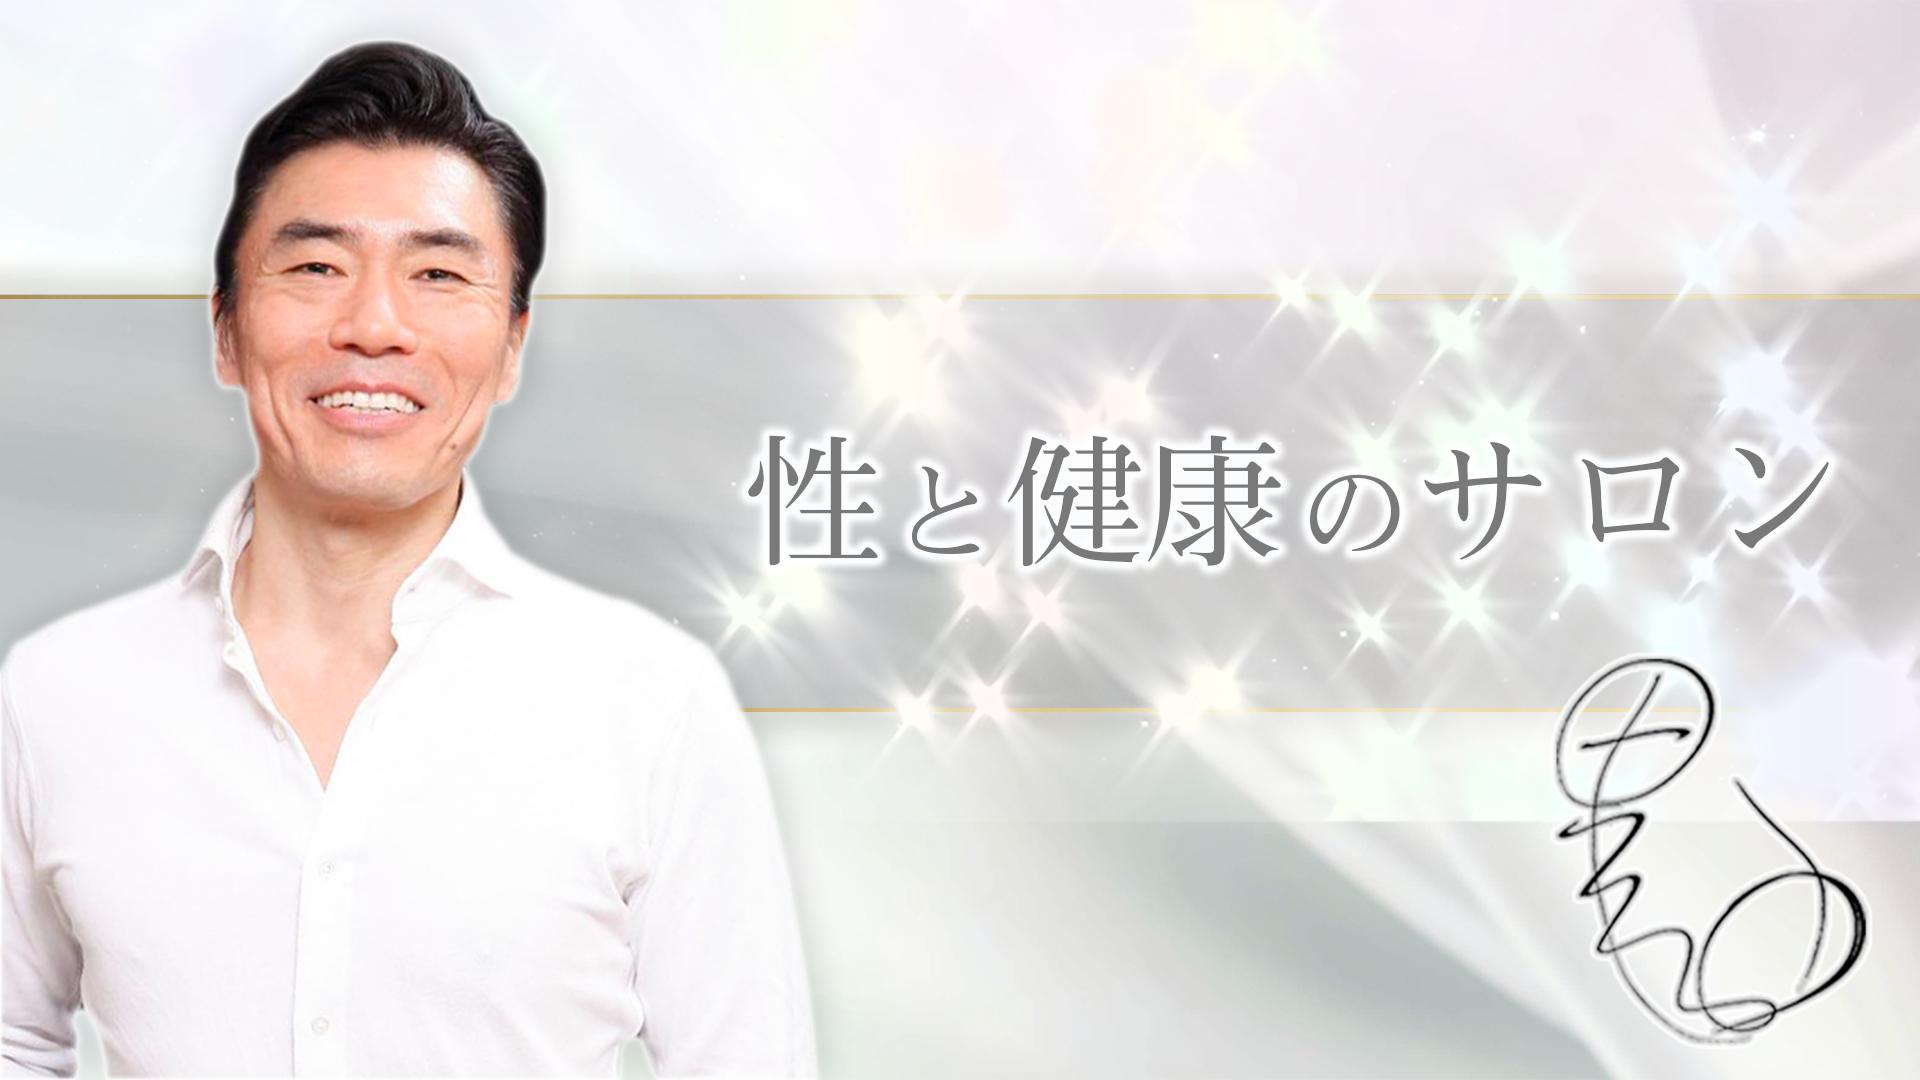 田淵 正浩 - 性と健康のサロン - DMM オンラインサロン